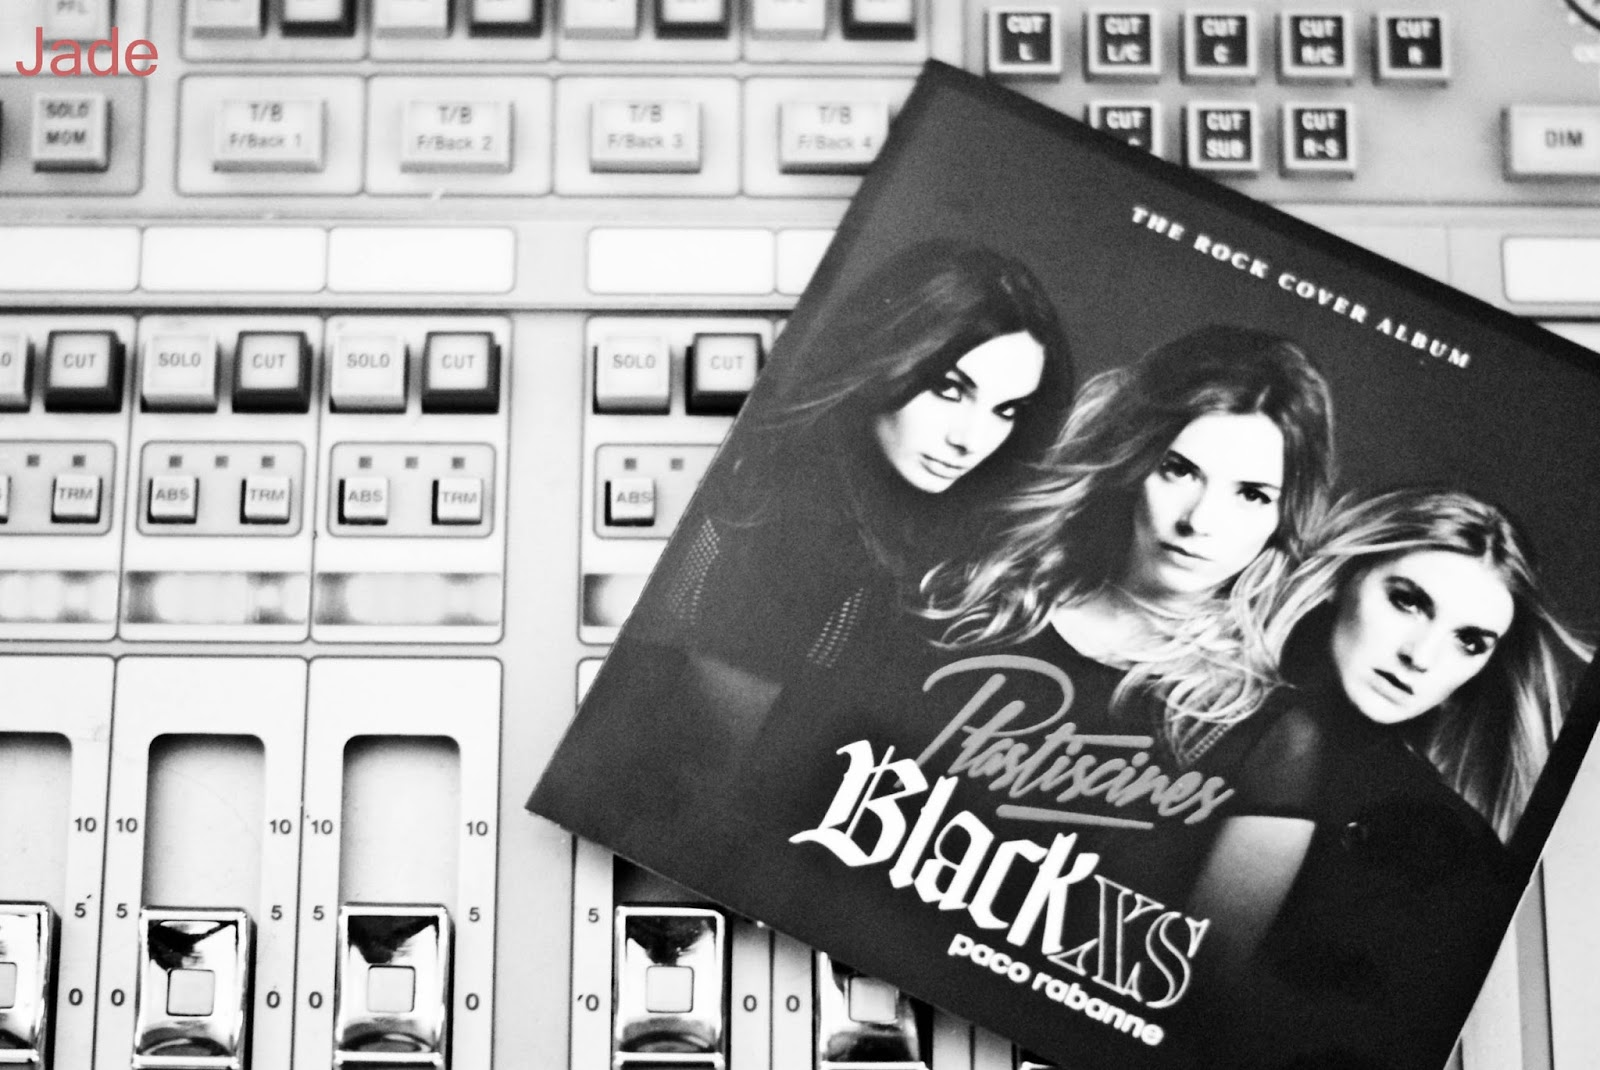 plastiscines x black xs paco rabanne